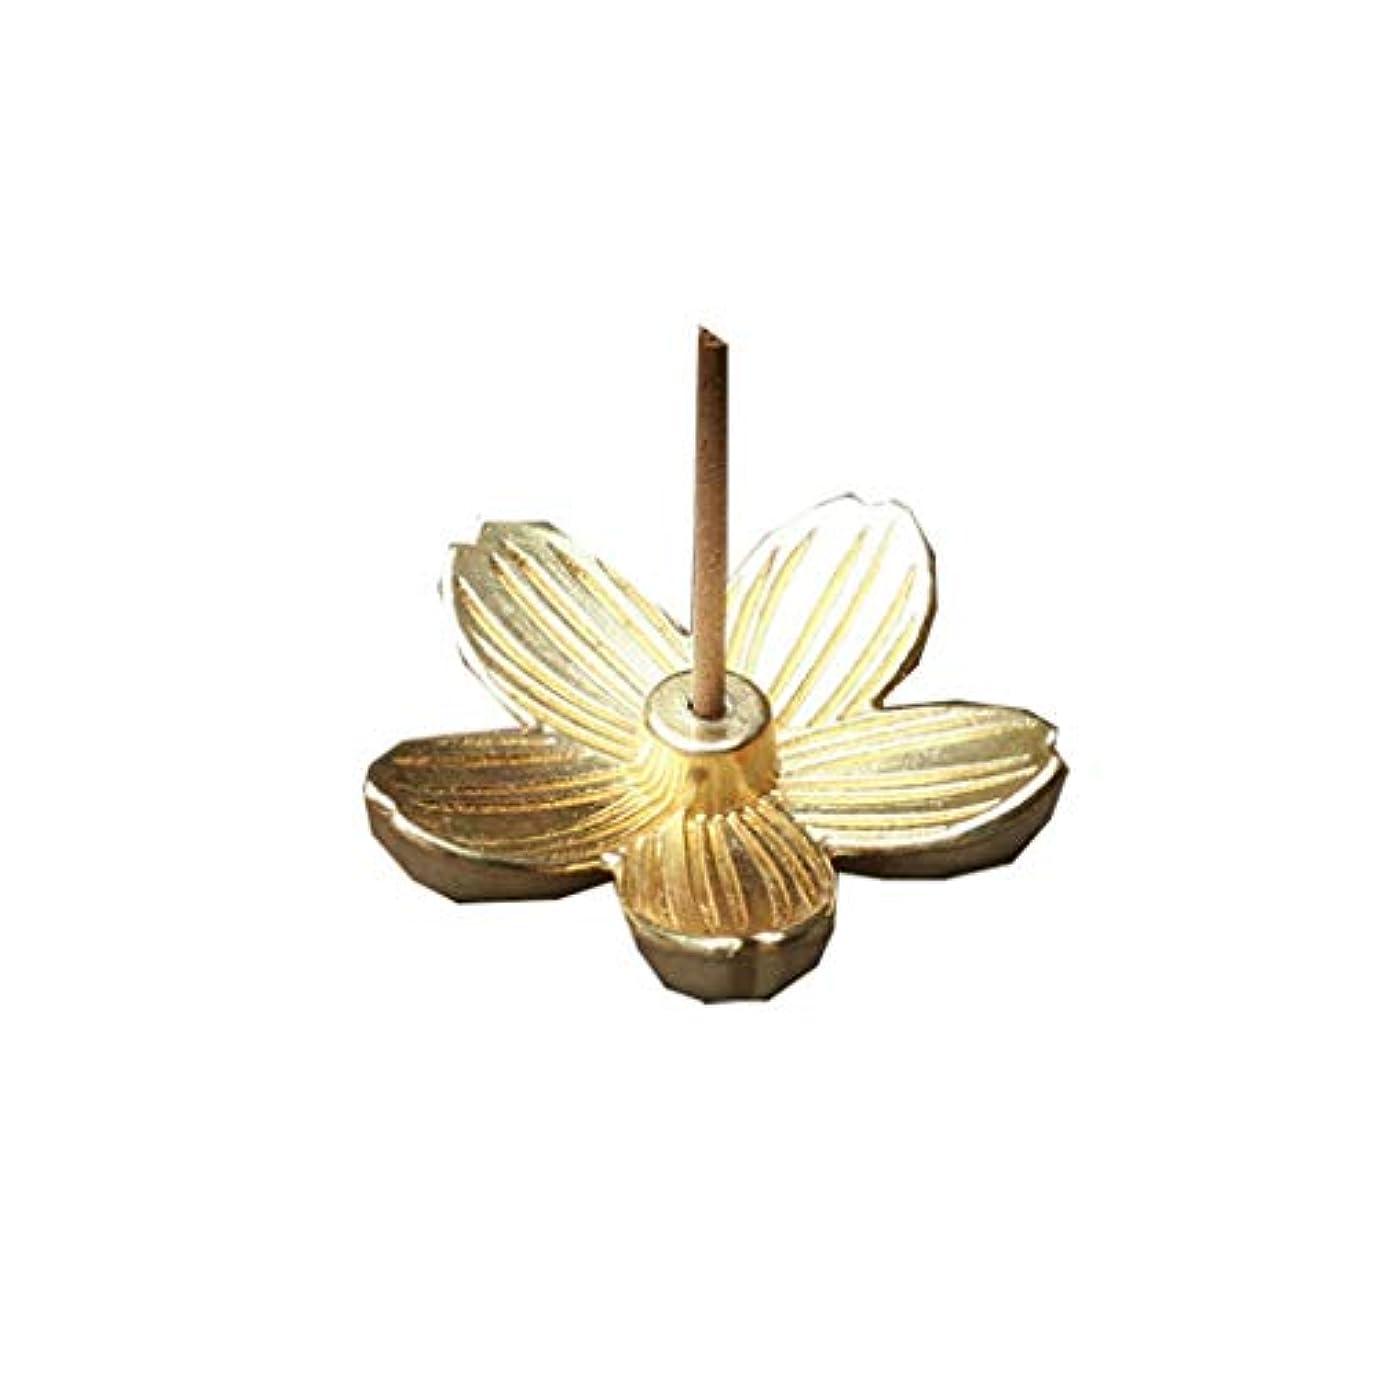 肯定的出費圧縮クリエイティブヴィンテージ銅アートさくら型の香炉香スティックコーンホルダーホーム仏教の装飾誕生日お香ホルダー (Color : Gold, サイズ : 1.14*1.14inchs)